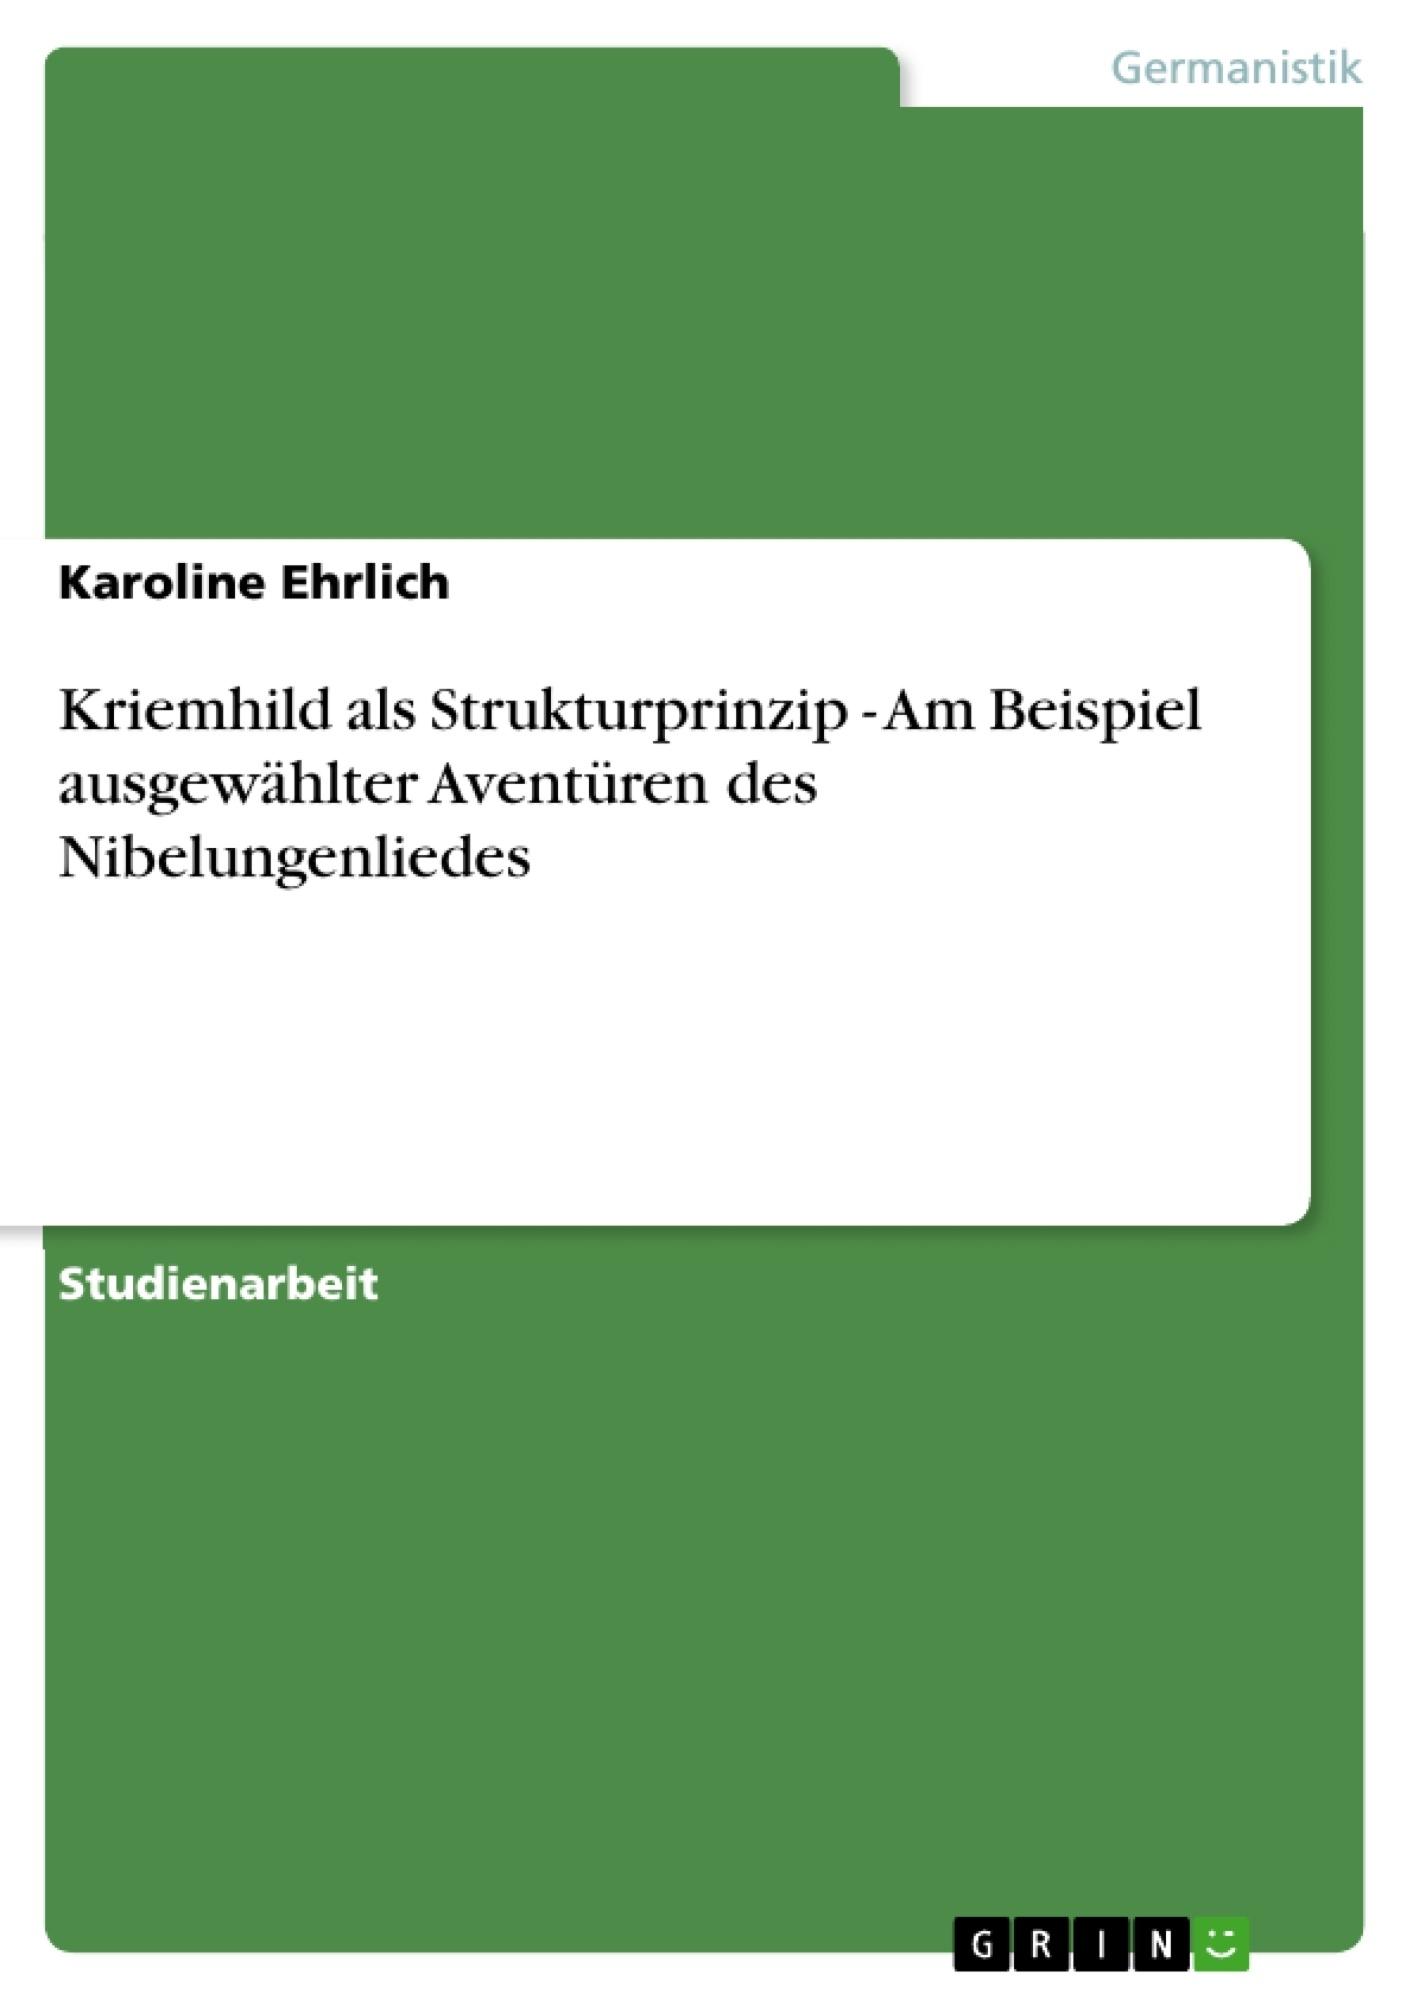 Titel: Kriemhild als Strukturprinzip - Am Beispiel ausgewählter Aventüren des Nibelungenliedes